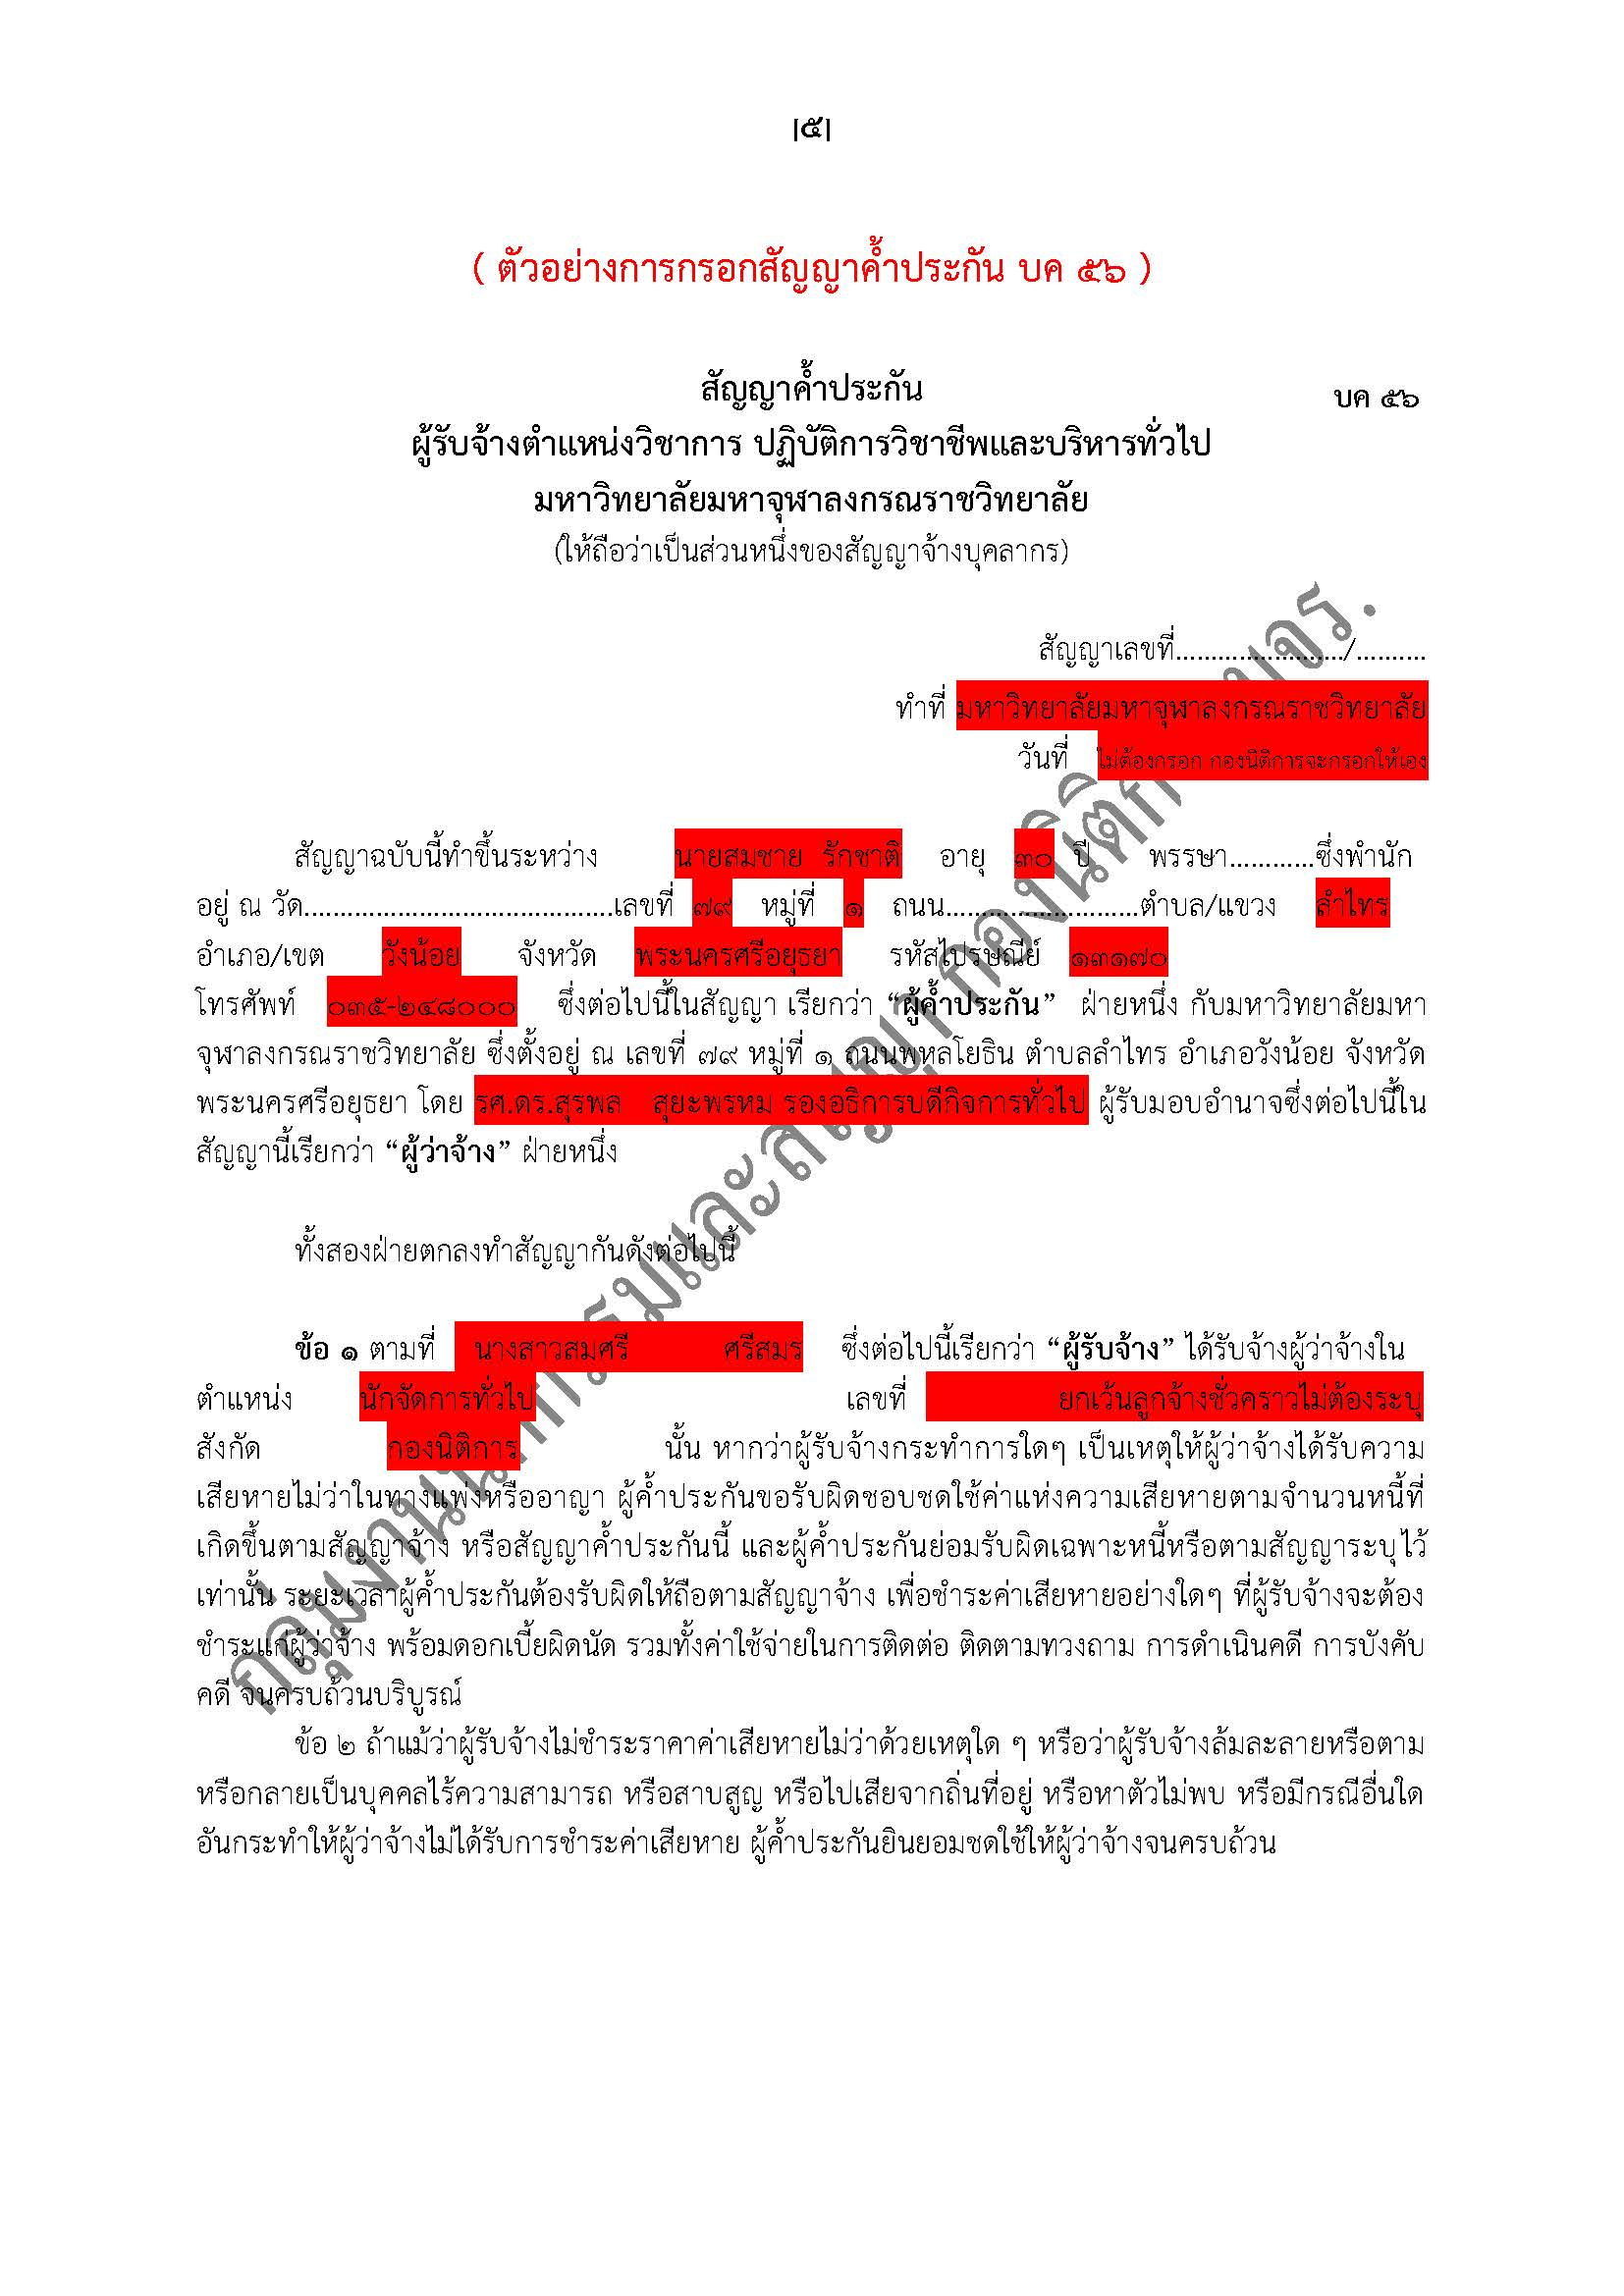 ตัวอย่างการกรอกสัญญาจ้างชั่วคราว บค 49_Page_5